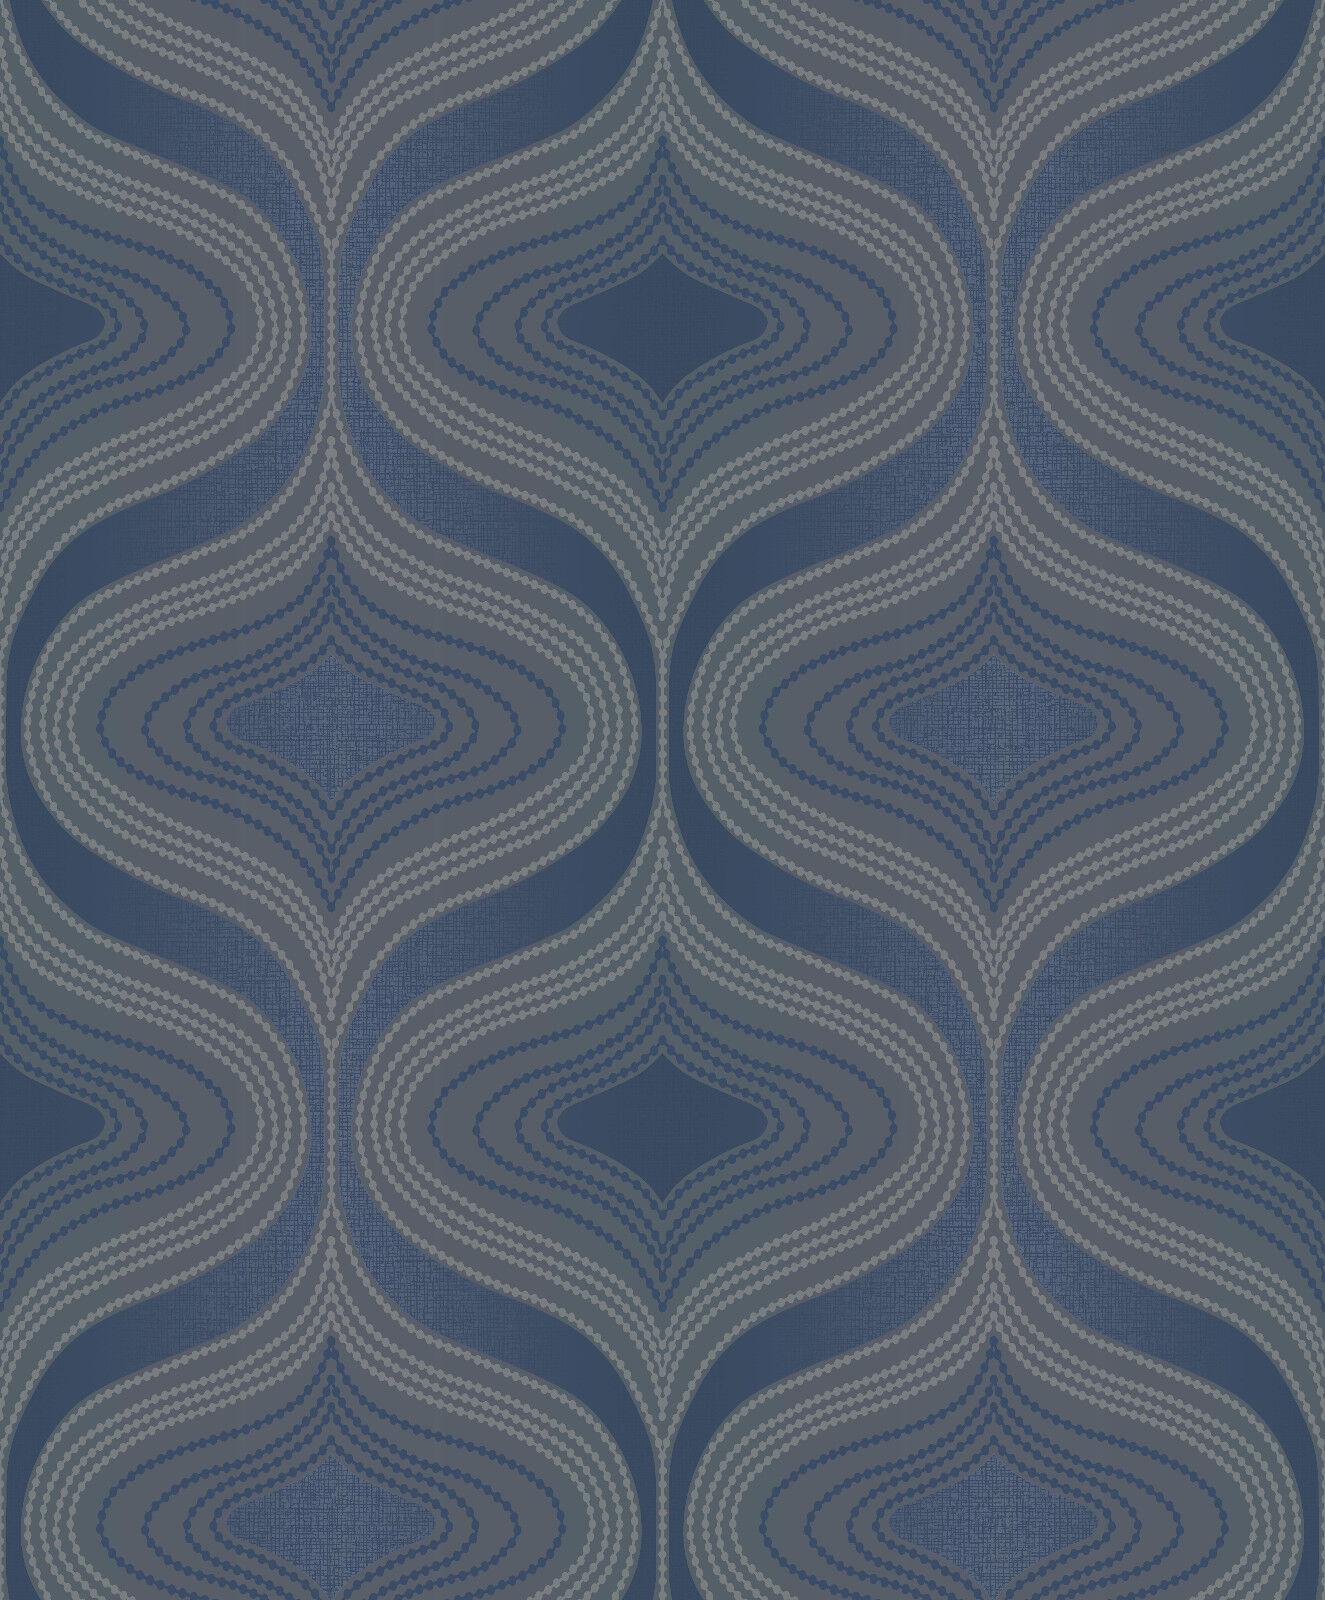 Grandeco Vie Marine Nuevo Bleu Marine Vie Paillete Papier Peint